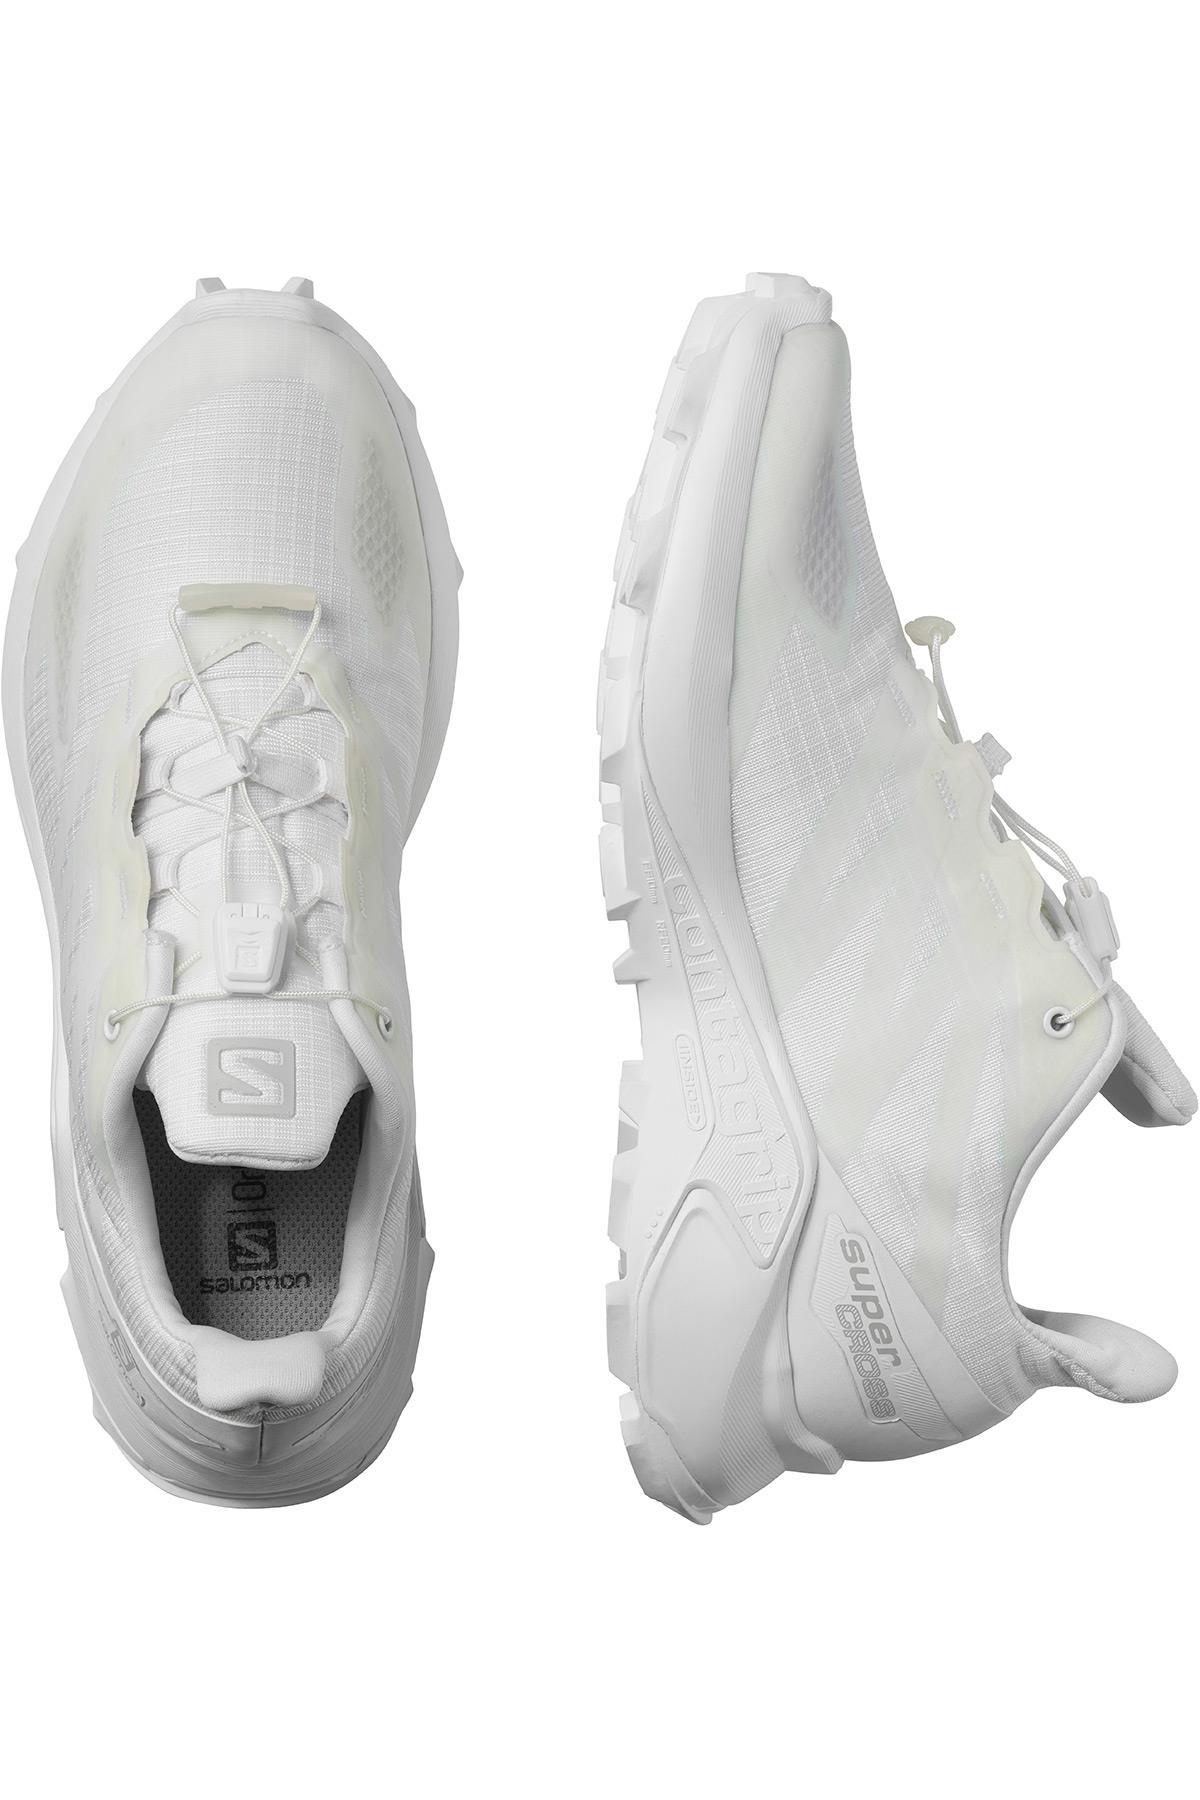 Salomon SUPERCROSS BLAST W Bayan Ayakkabısı L41107500